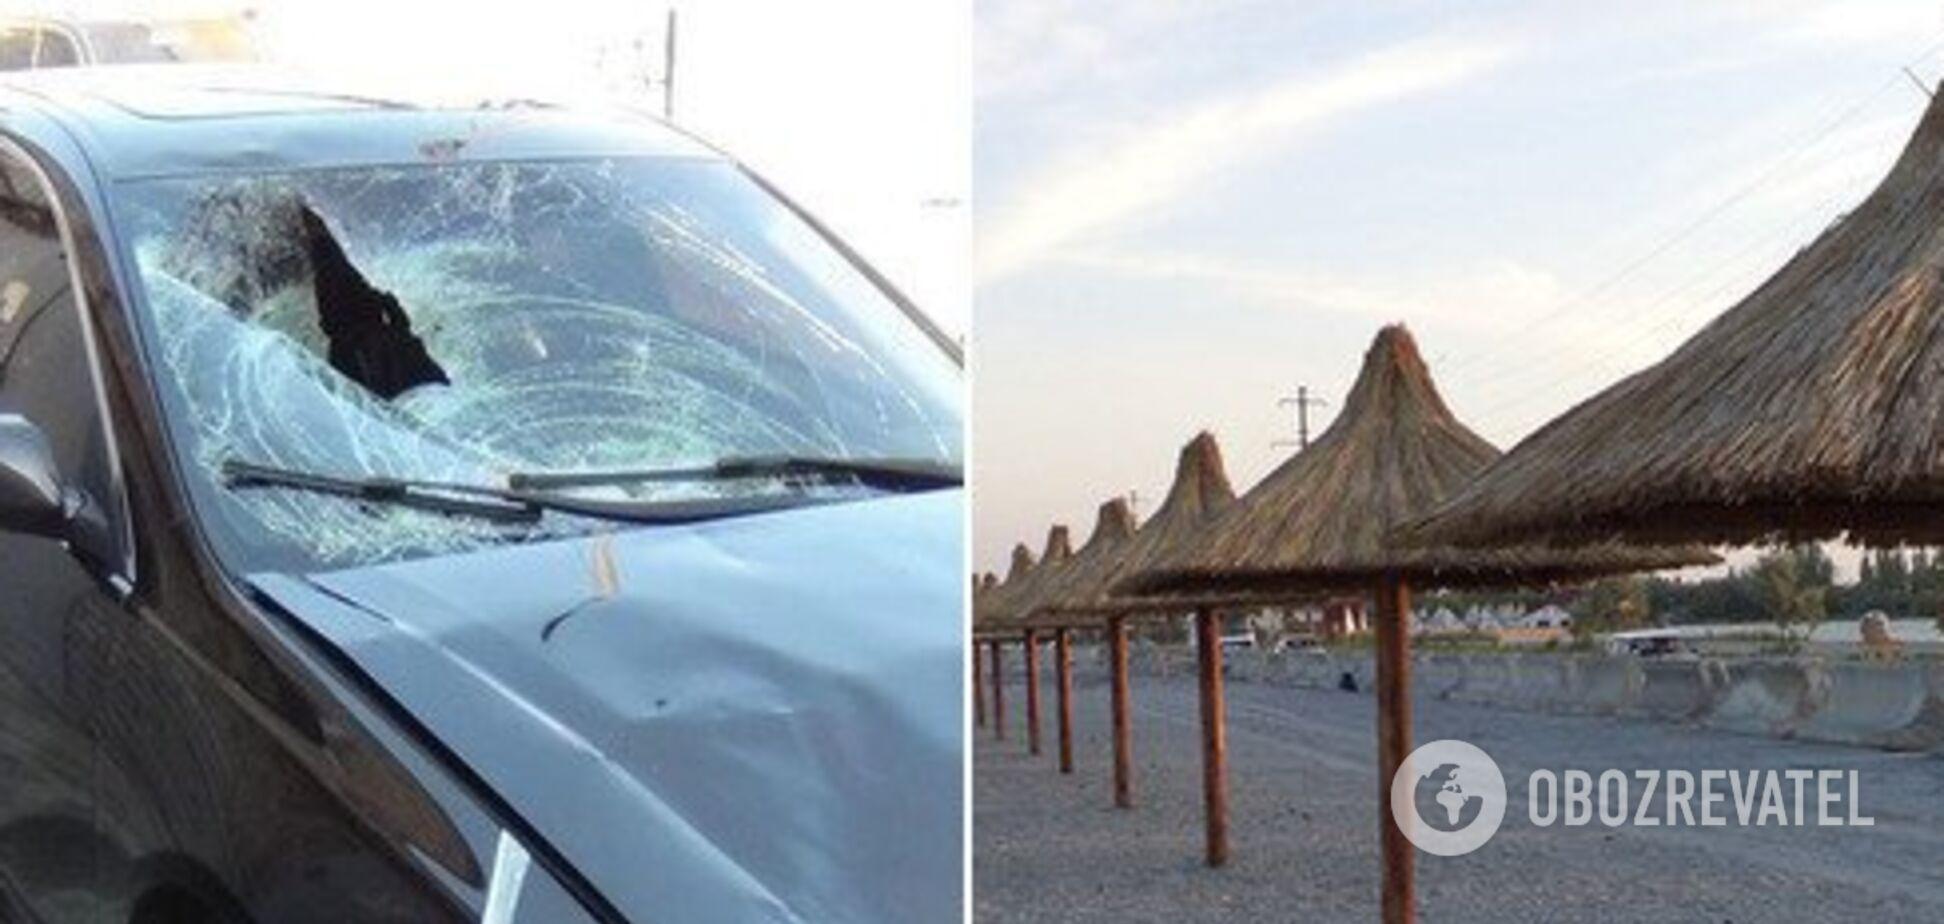 Відлетів на 40 метрів: житель Дніпра влаштував ДТП на популярному курорті